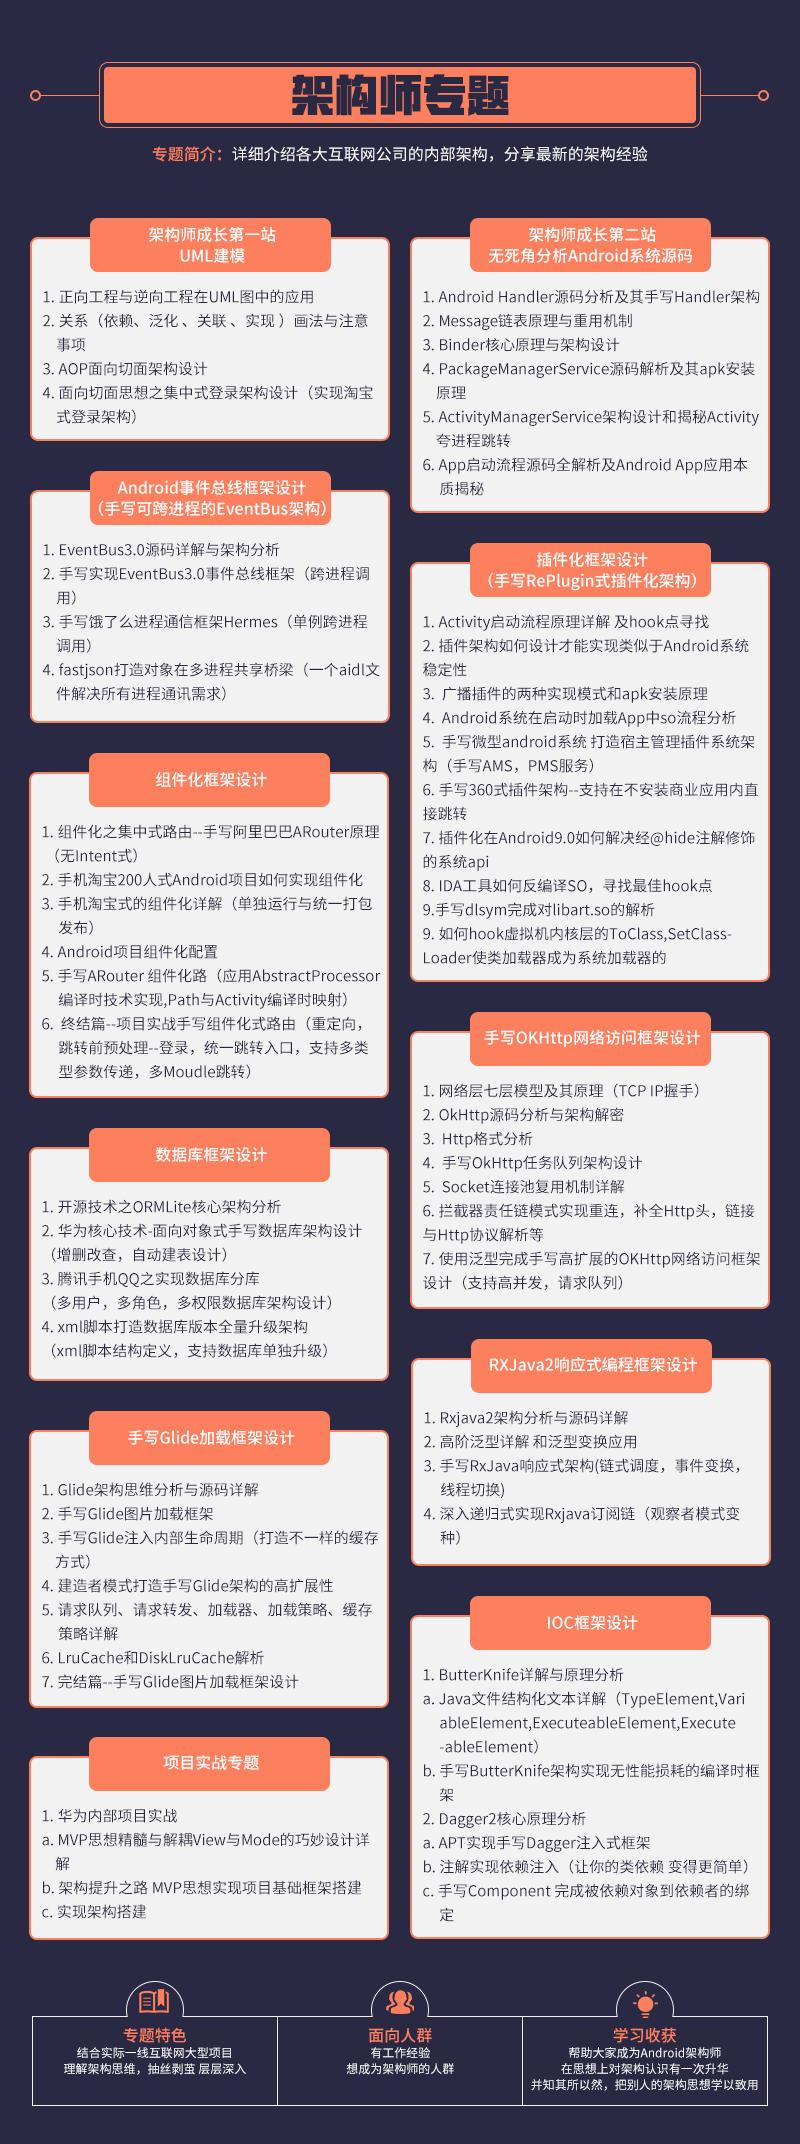 架构师专题.png